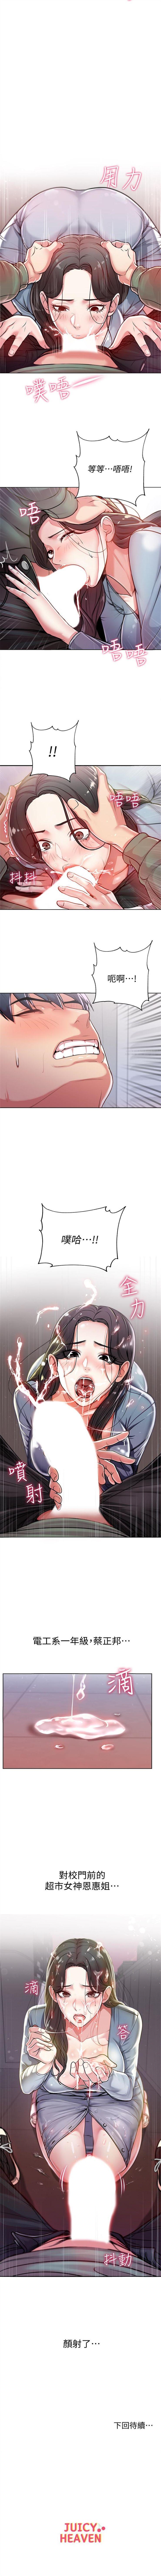 (週3)超市的漂亮姐姐 1-22 中文翻譯(更新中) 45